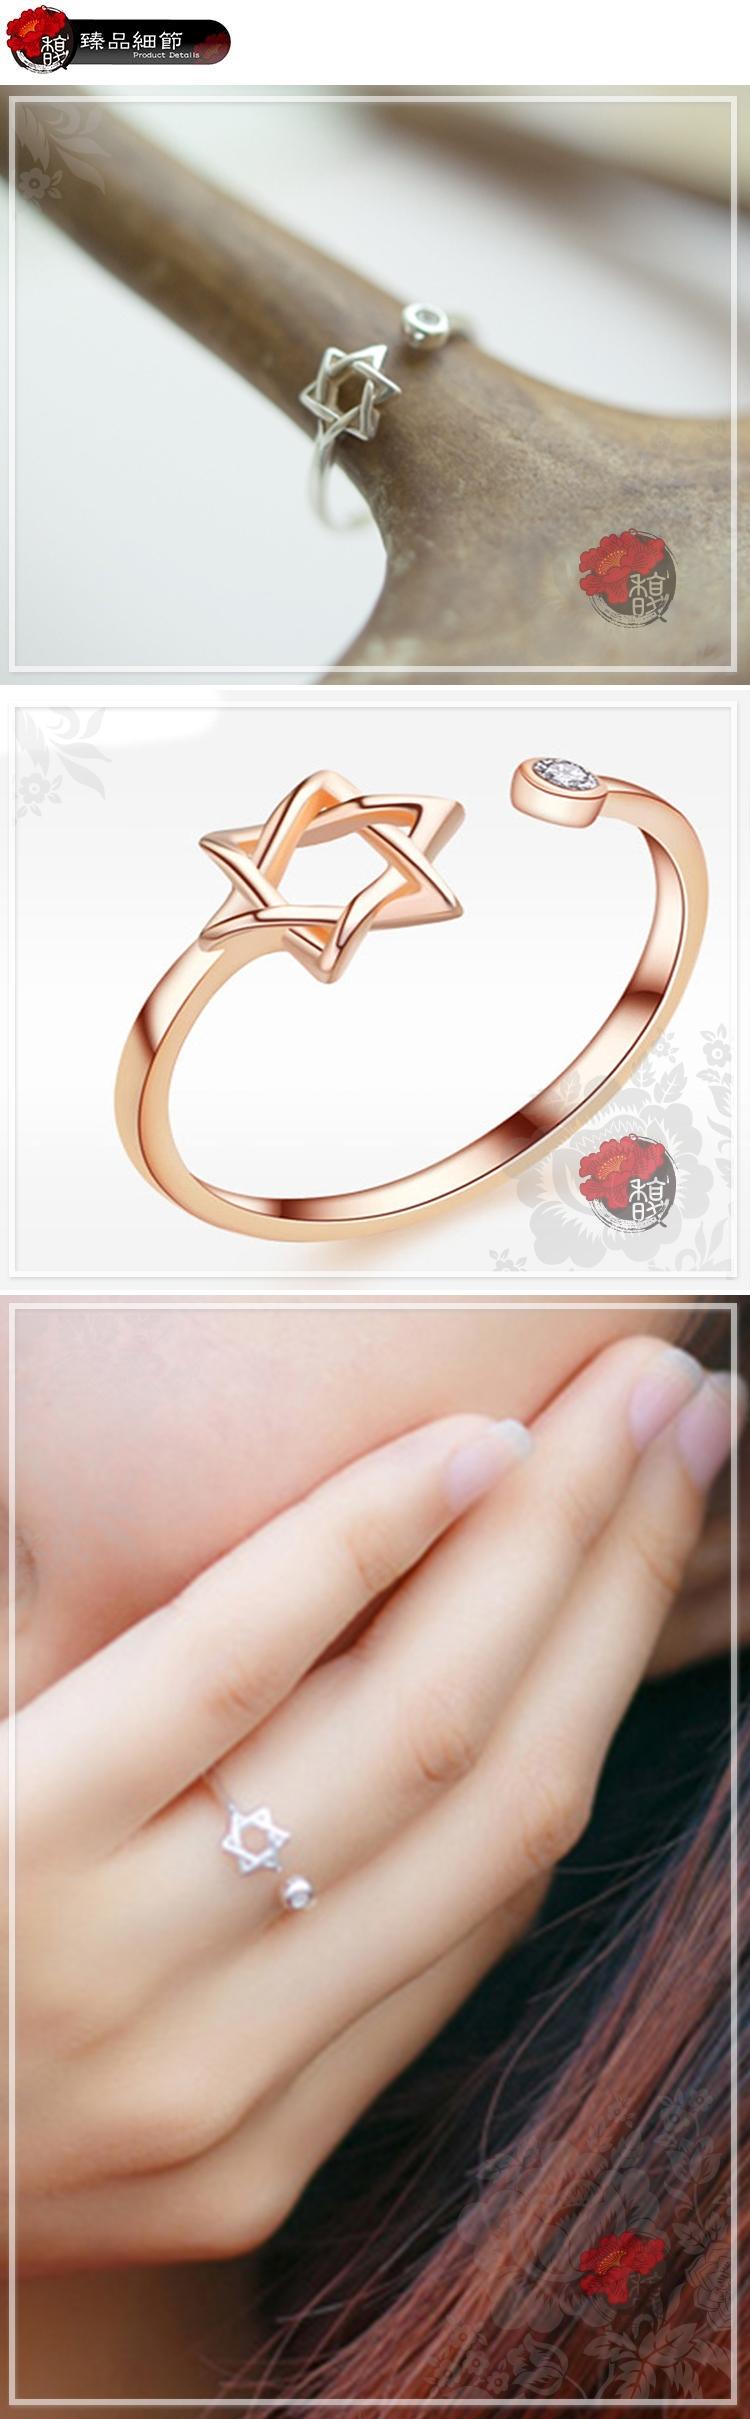 萬里星宿六芒戒指